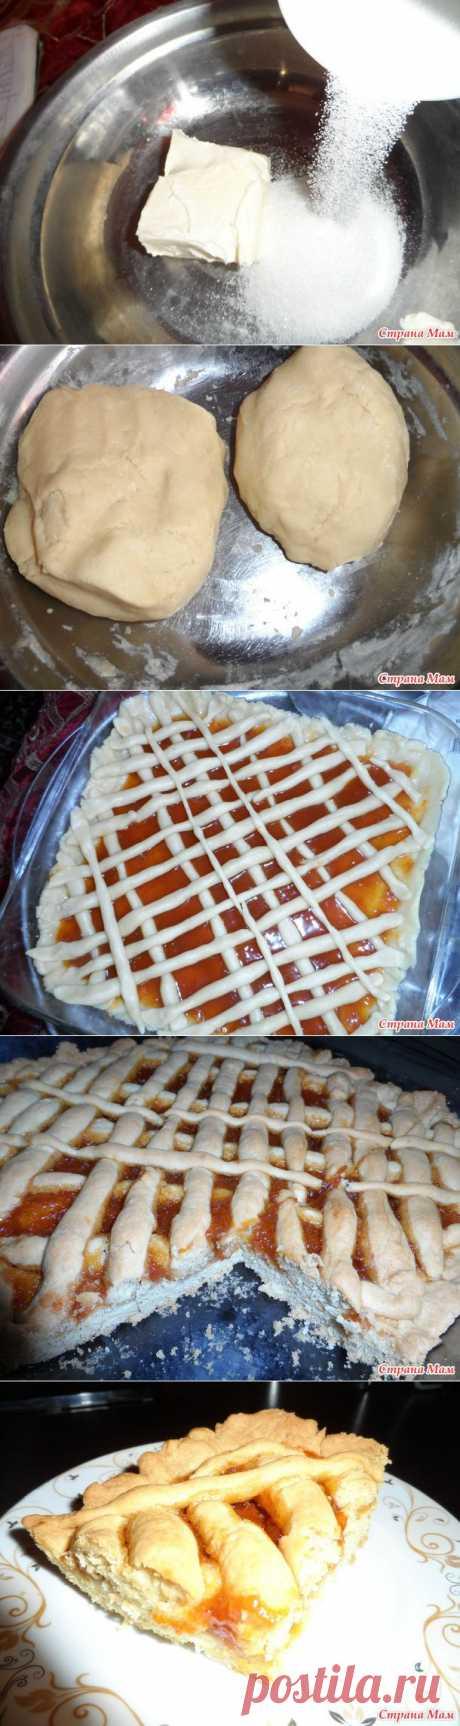 Песочный пирог с джемом. - Азербайджанская Кухня - Страна Мам